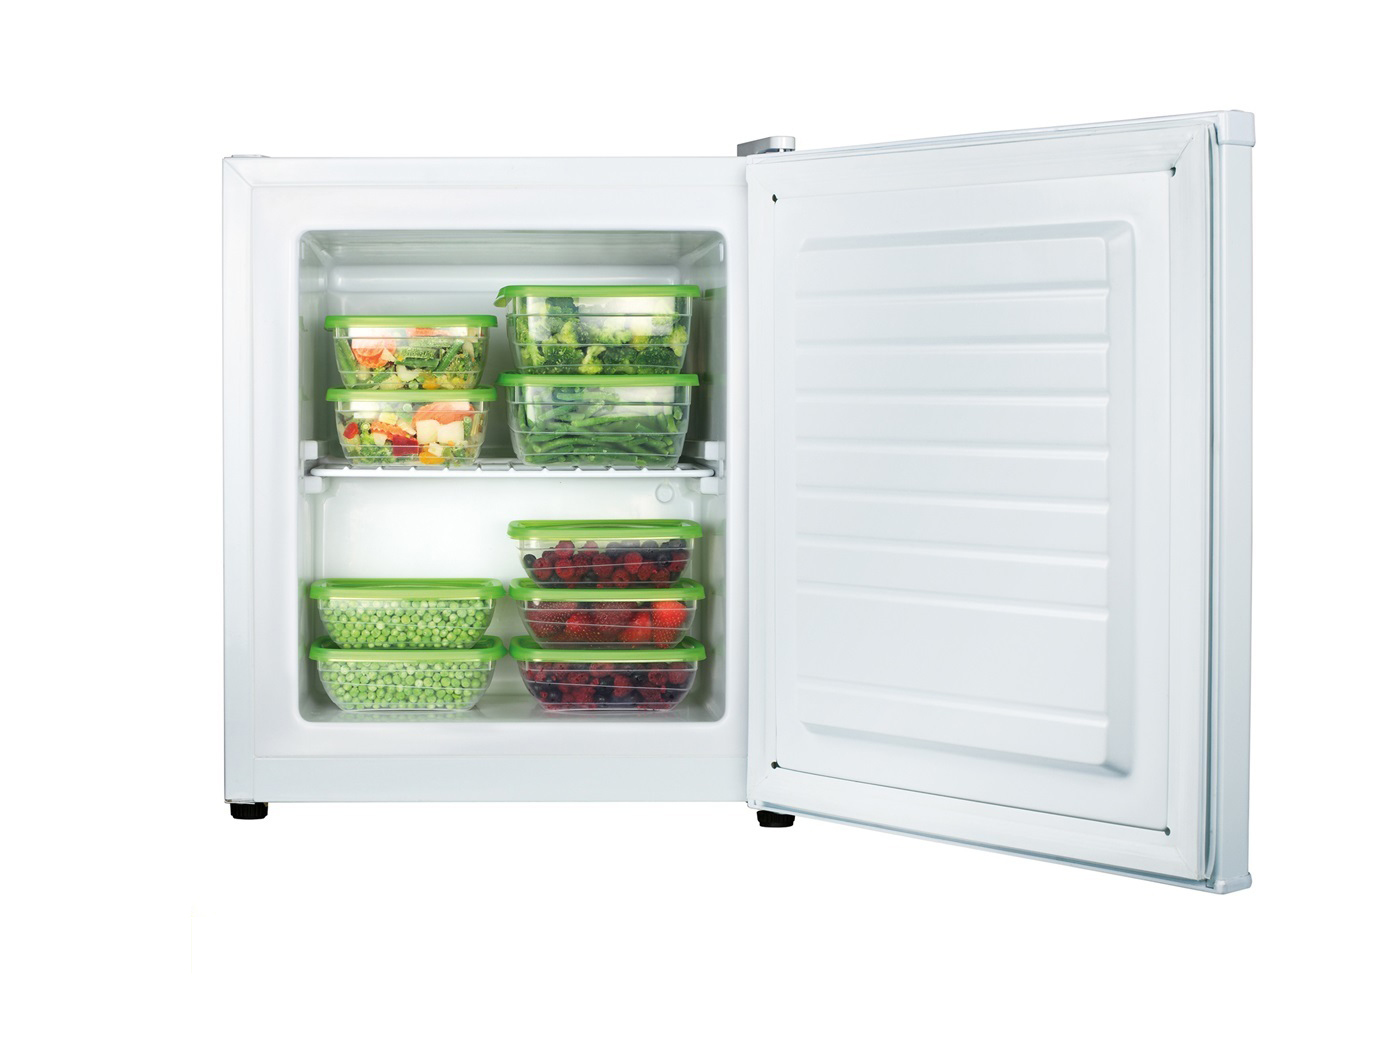 Kleiner Kühlschrank Kaufen : Kleiner kühlschrank kaufen schönsten ideen bilder kleine küche